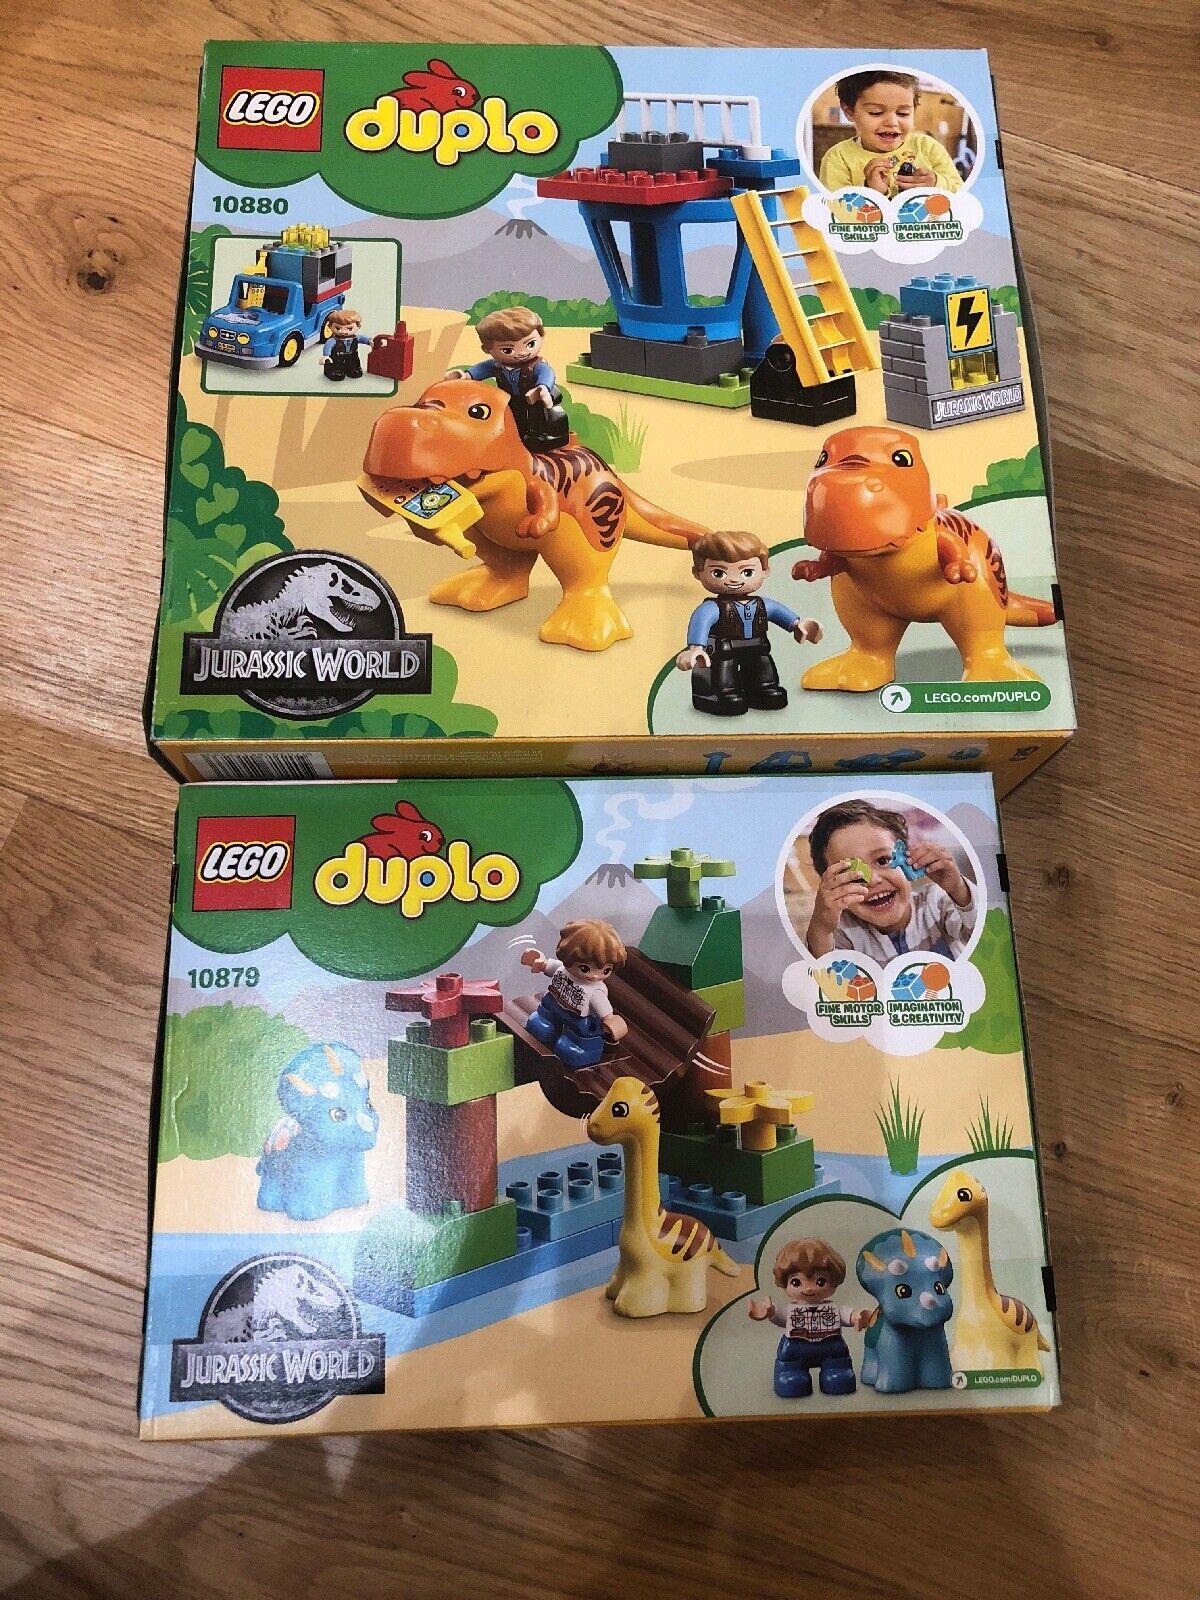 Lego 10879 Duplo Gentle Giants Petting Zoo & 10880 T.rex Tower Bundle New